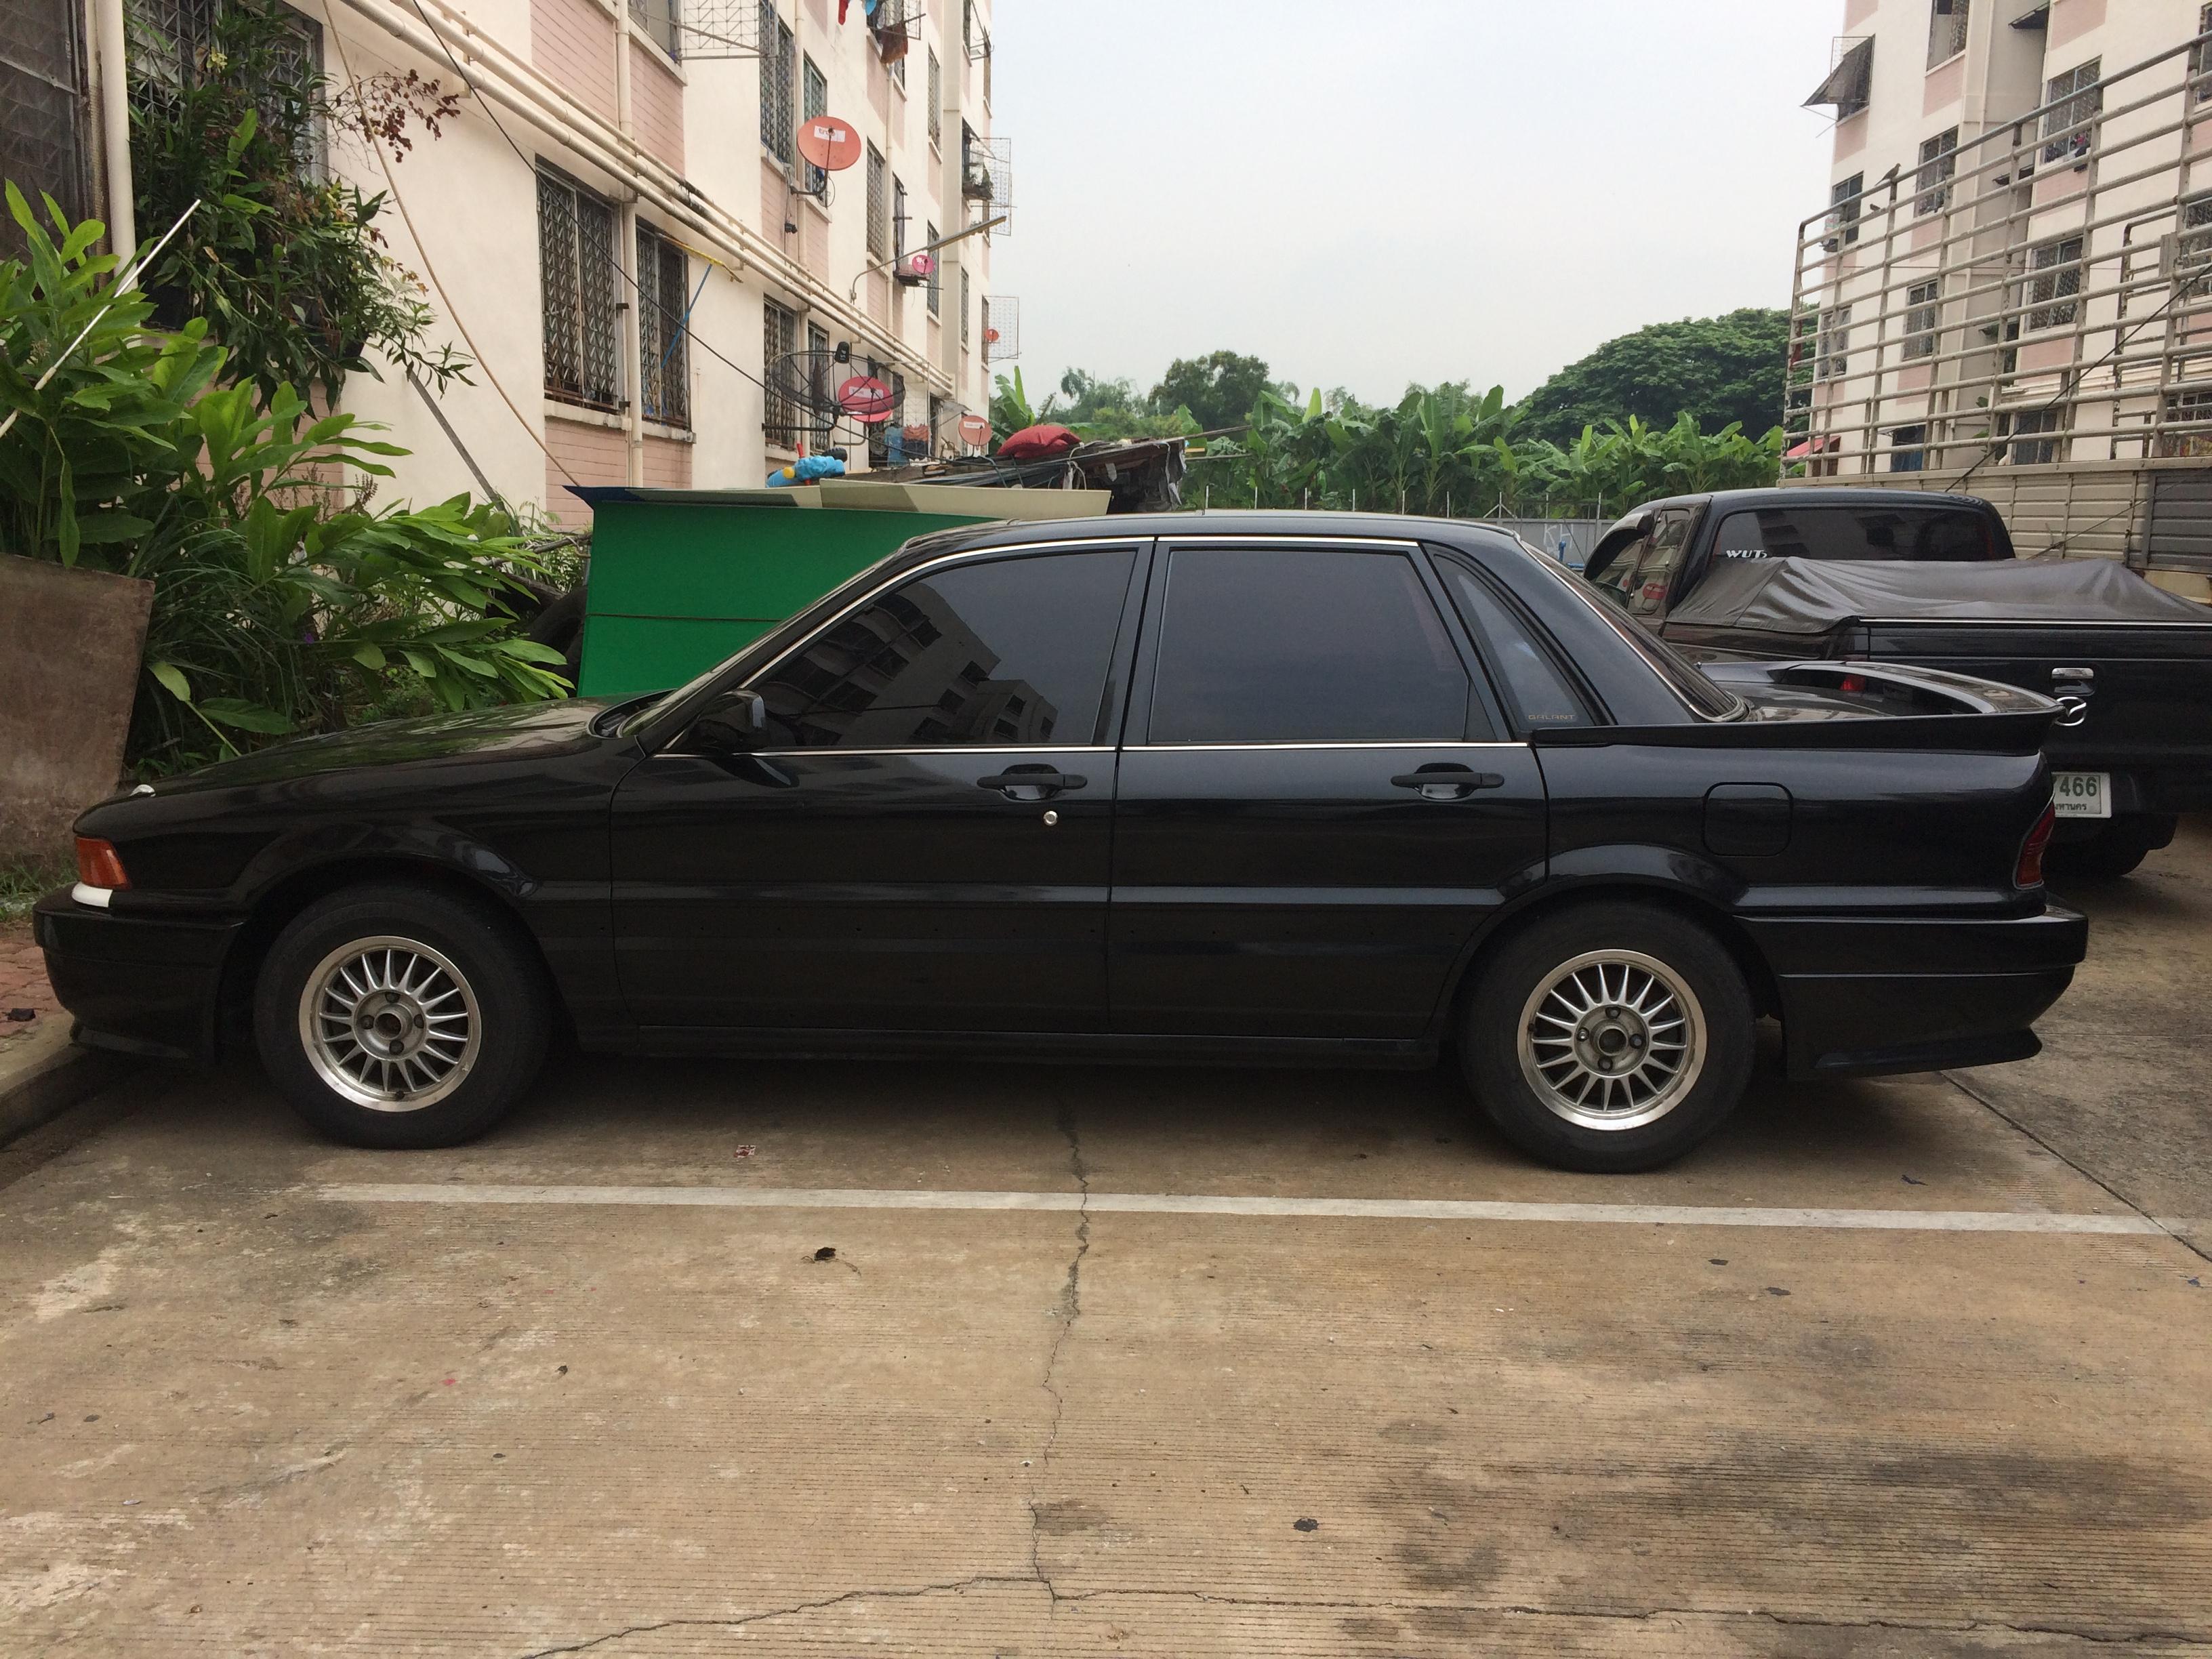 file:1989 mitsubishi galant (e-e33a) amg sedan (13-10-2017) 12